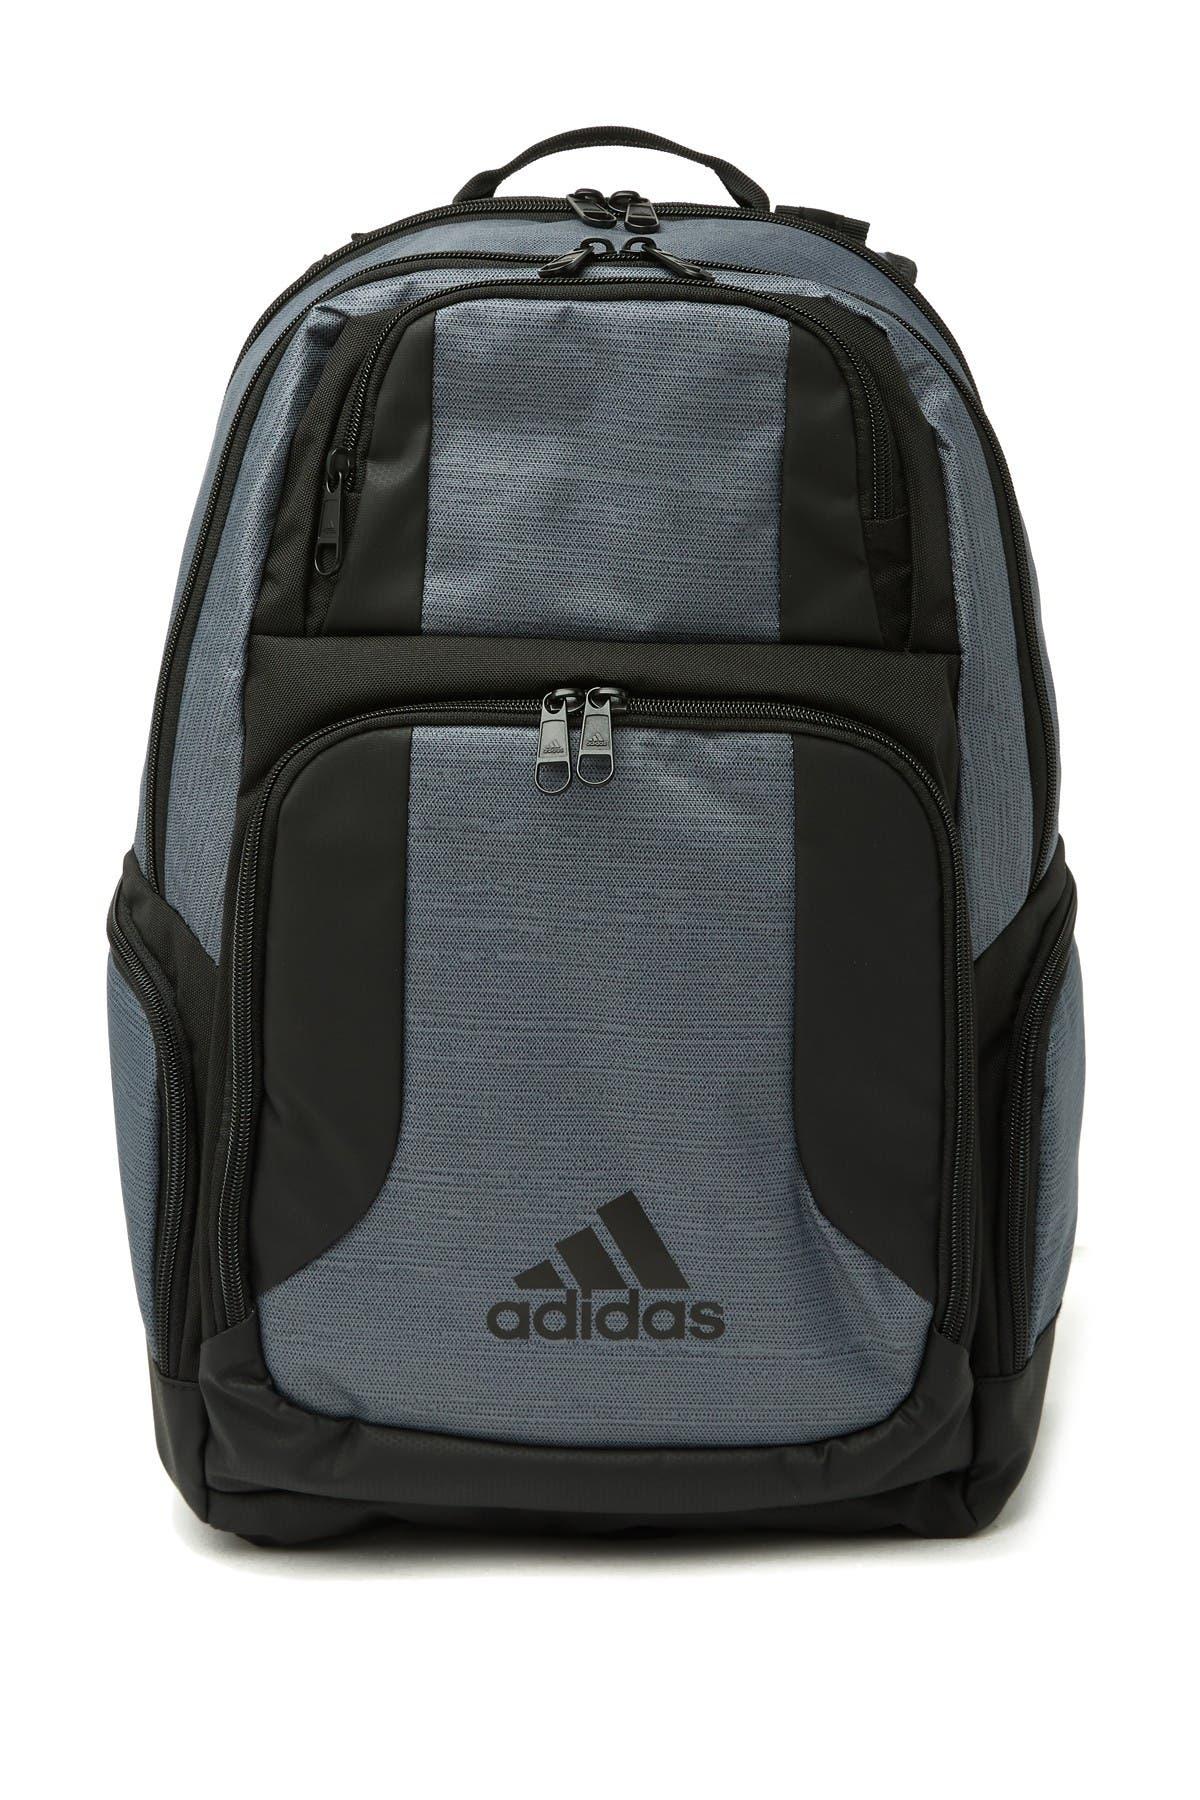 Image of adidas Strength II Backpack